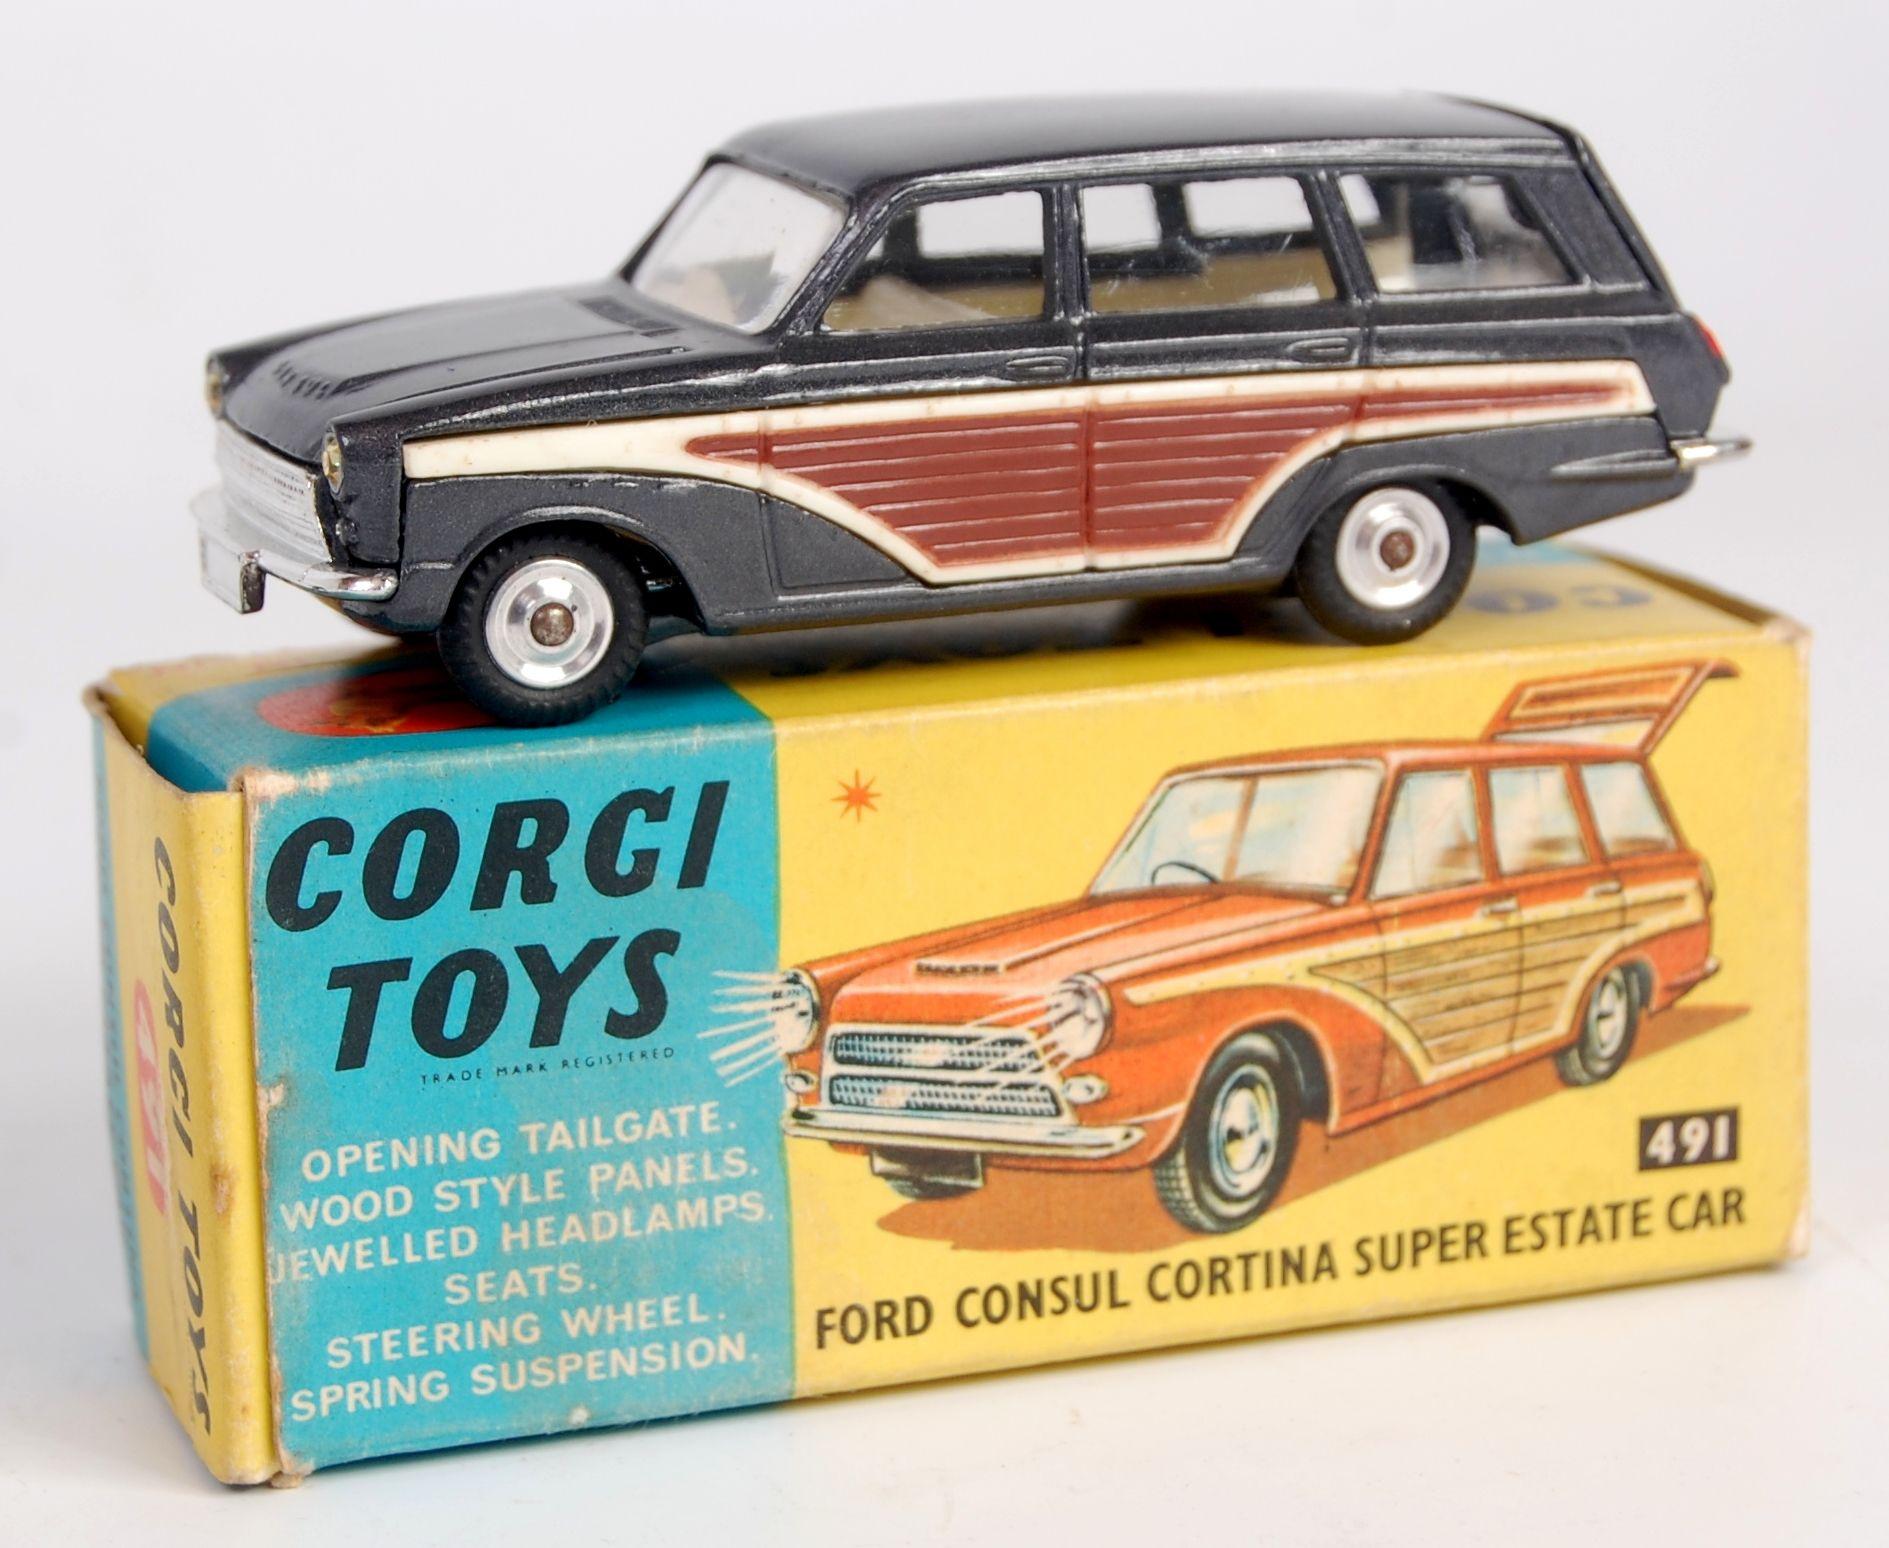 Toys car images  Corgi Toys  Ford Consul Cortina Super Estate car metallic dark